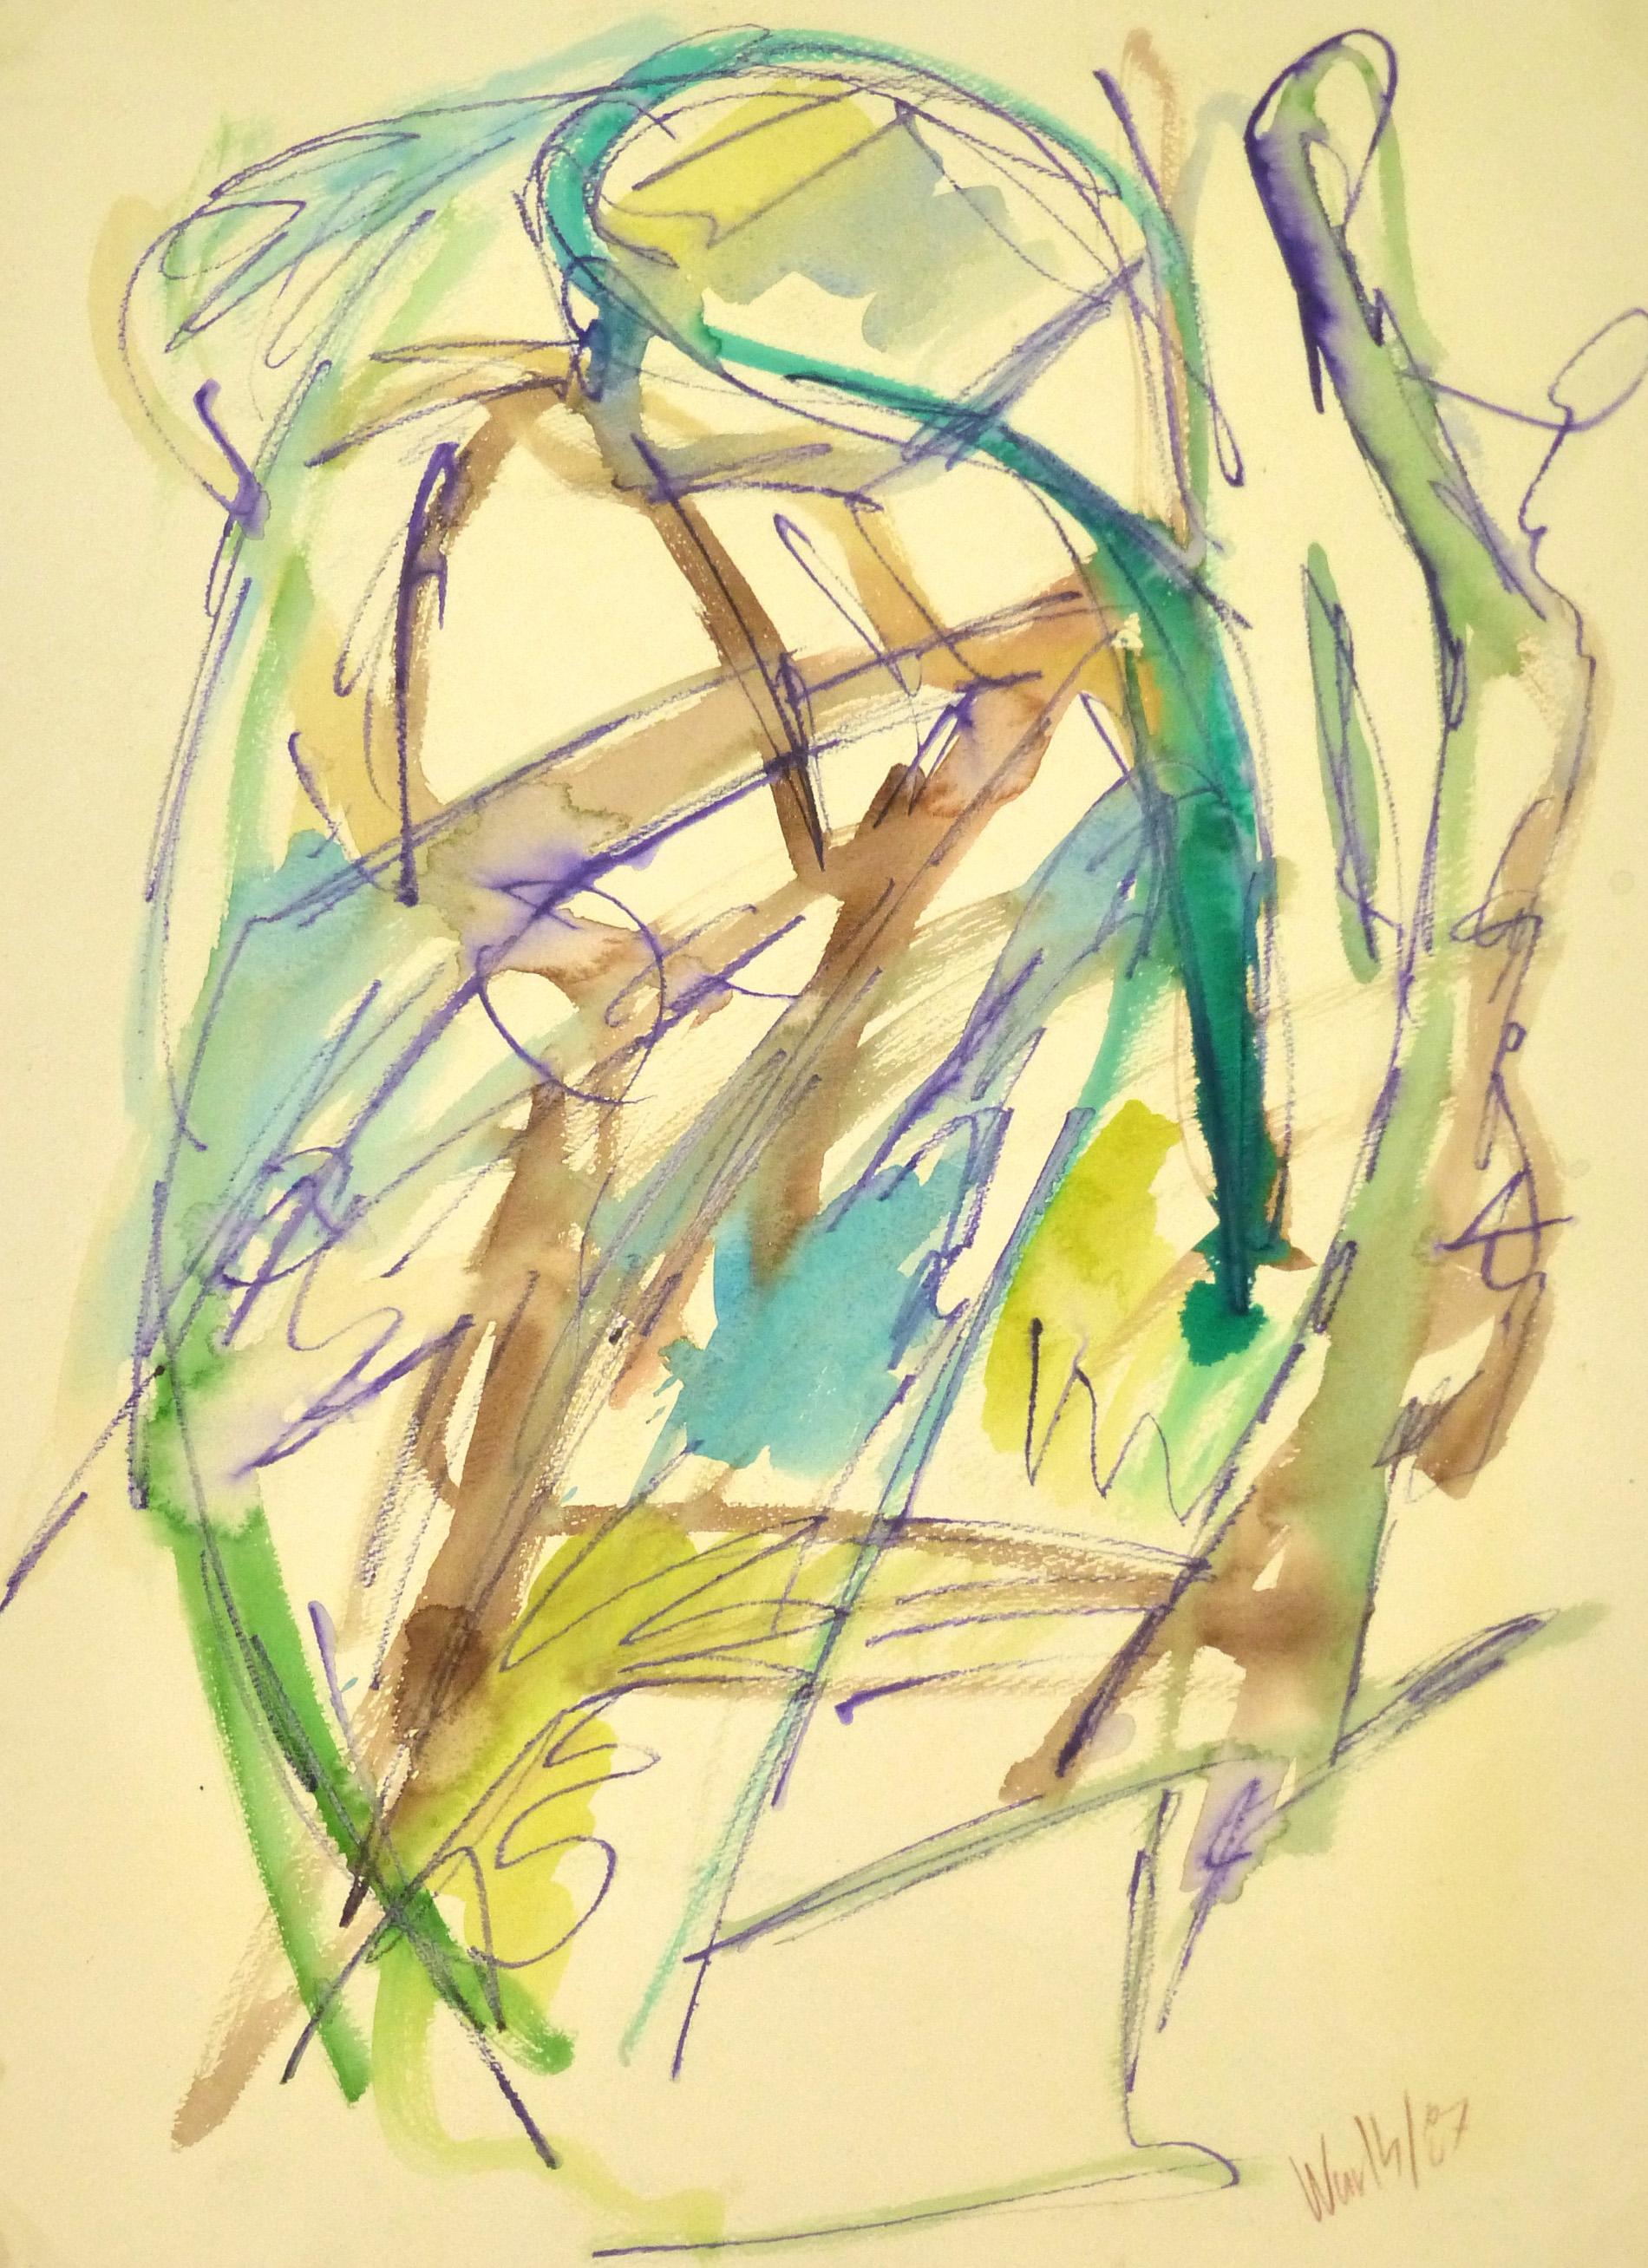 Marine Abstract Watercolor-main-9137K